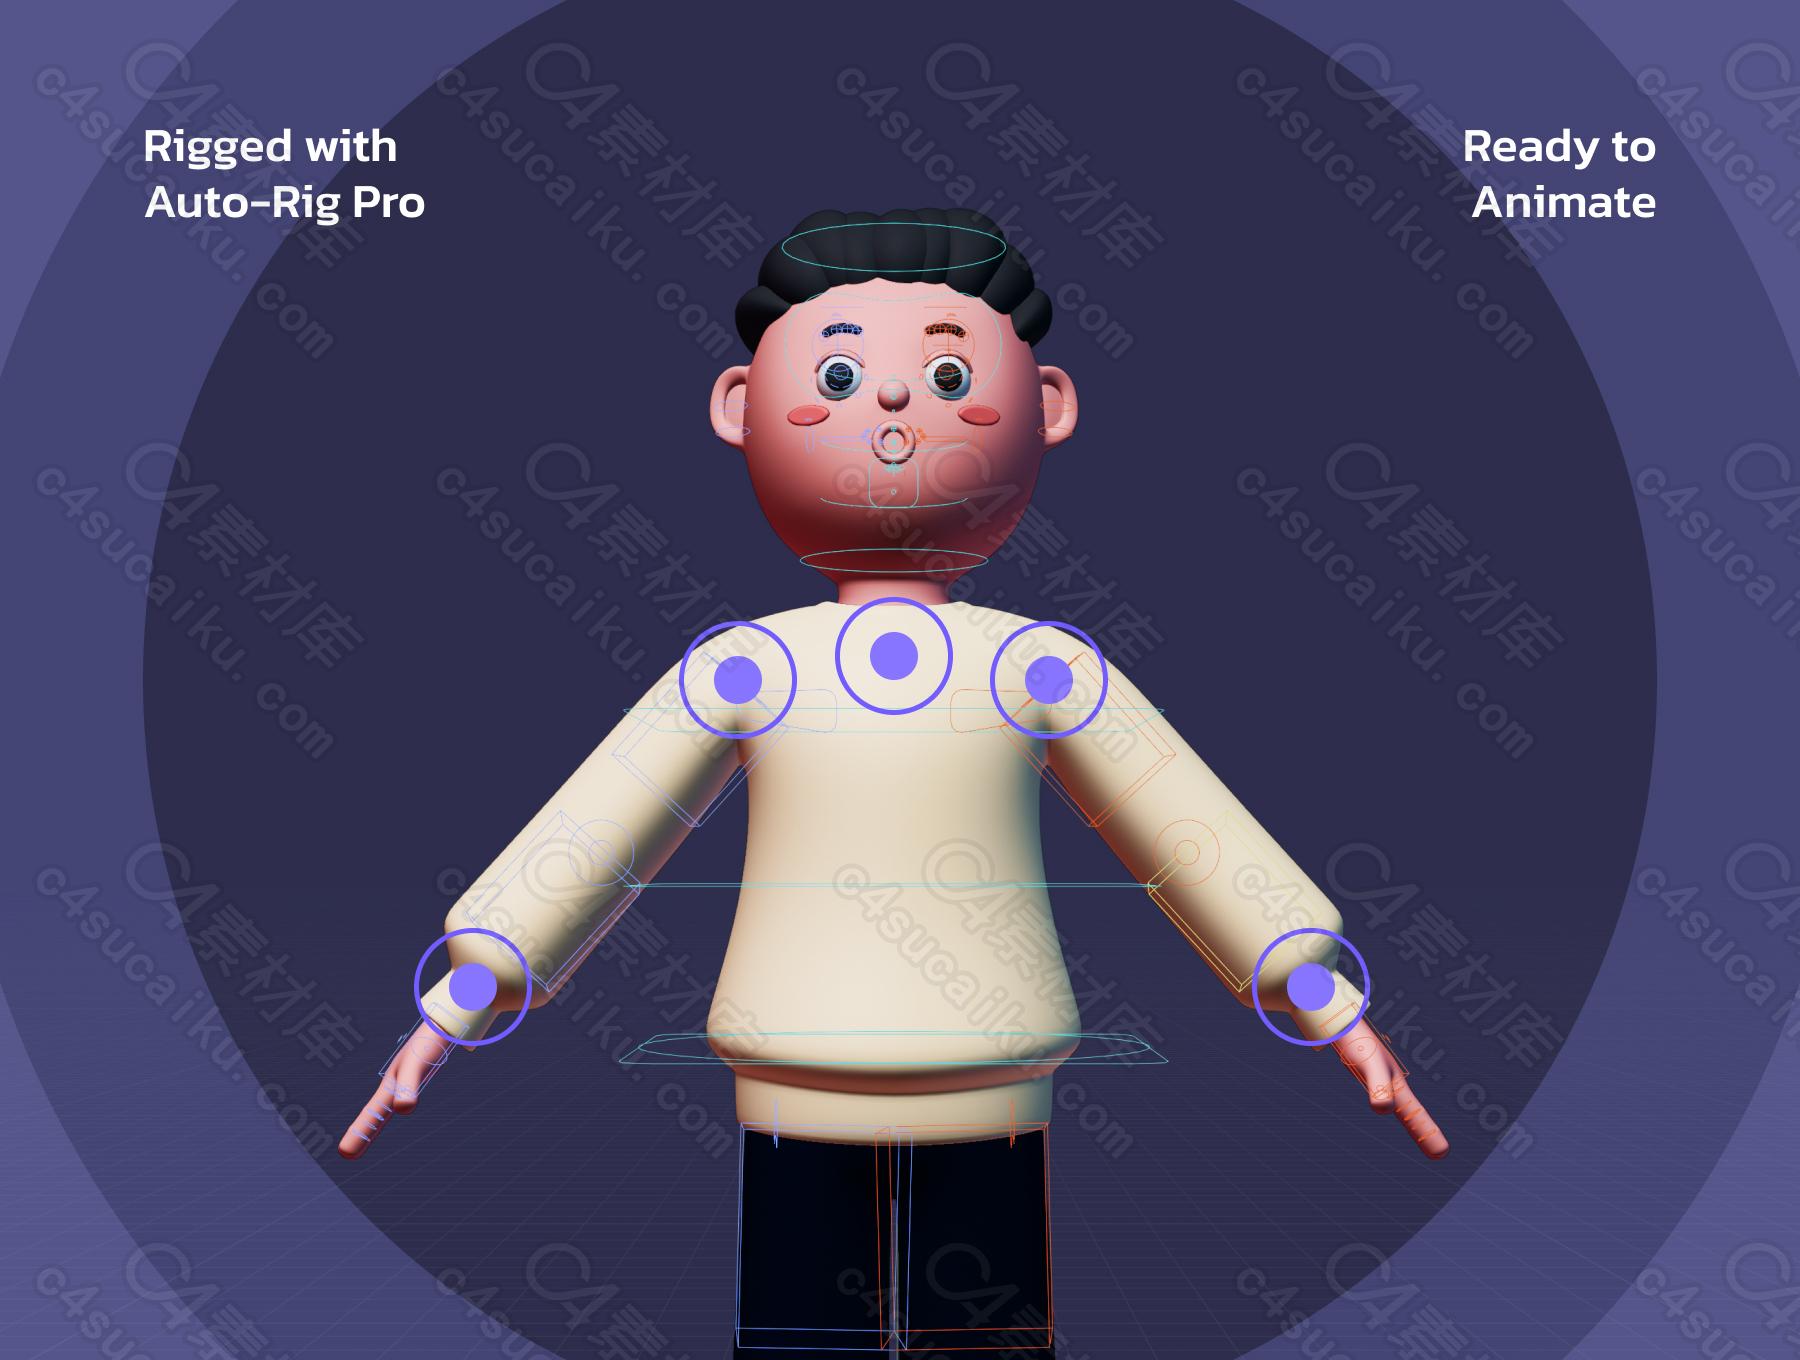 C4素材网-Blender工程-3D卡通人物UI图标合集